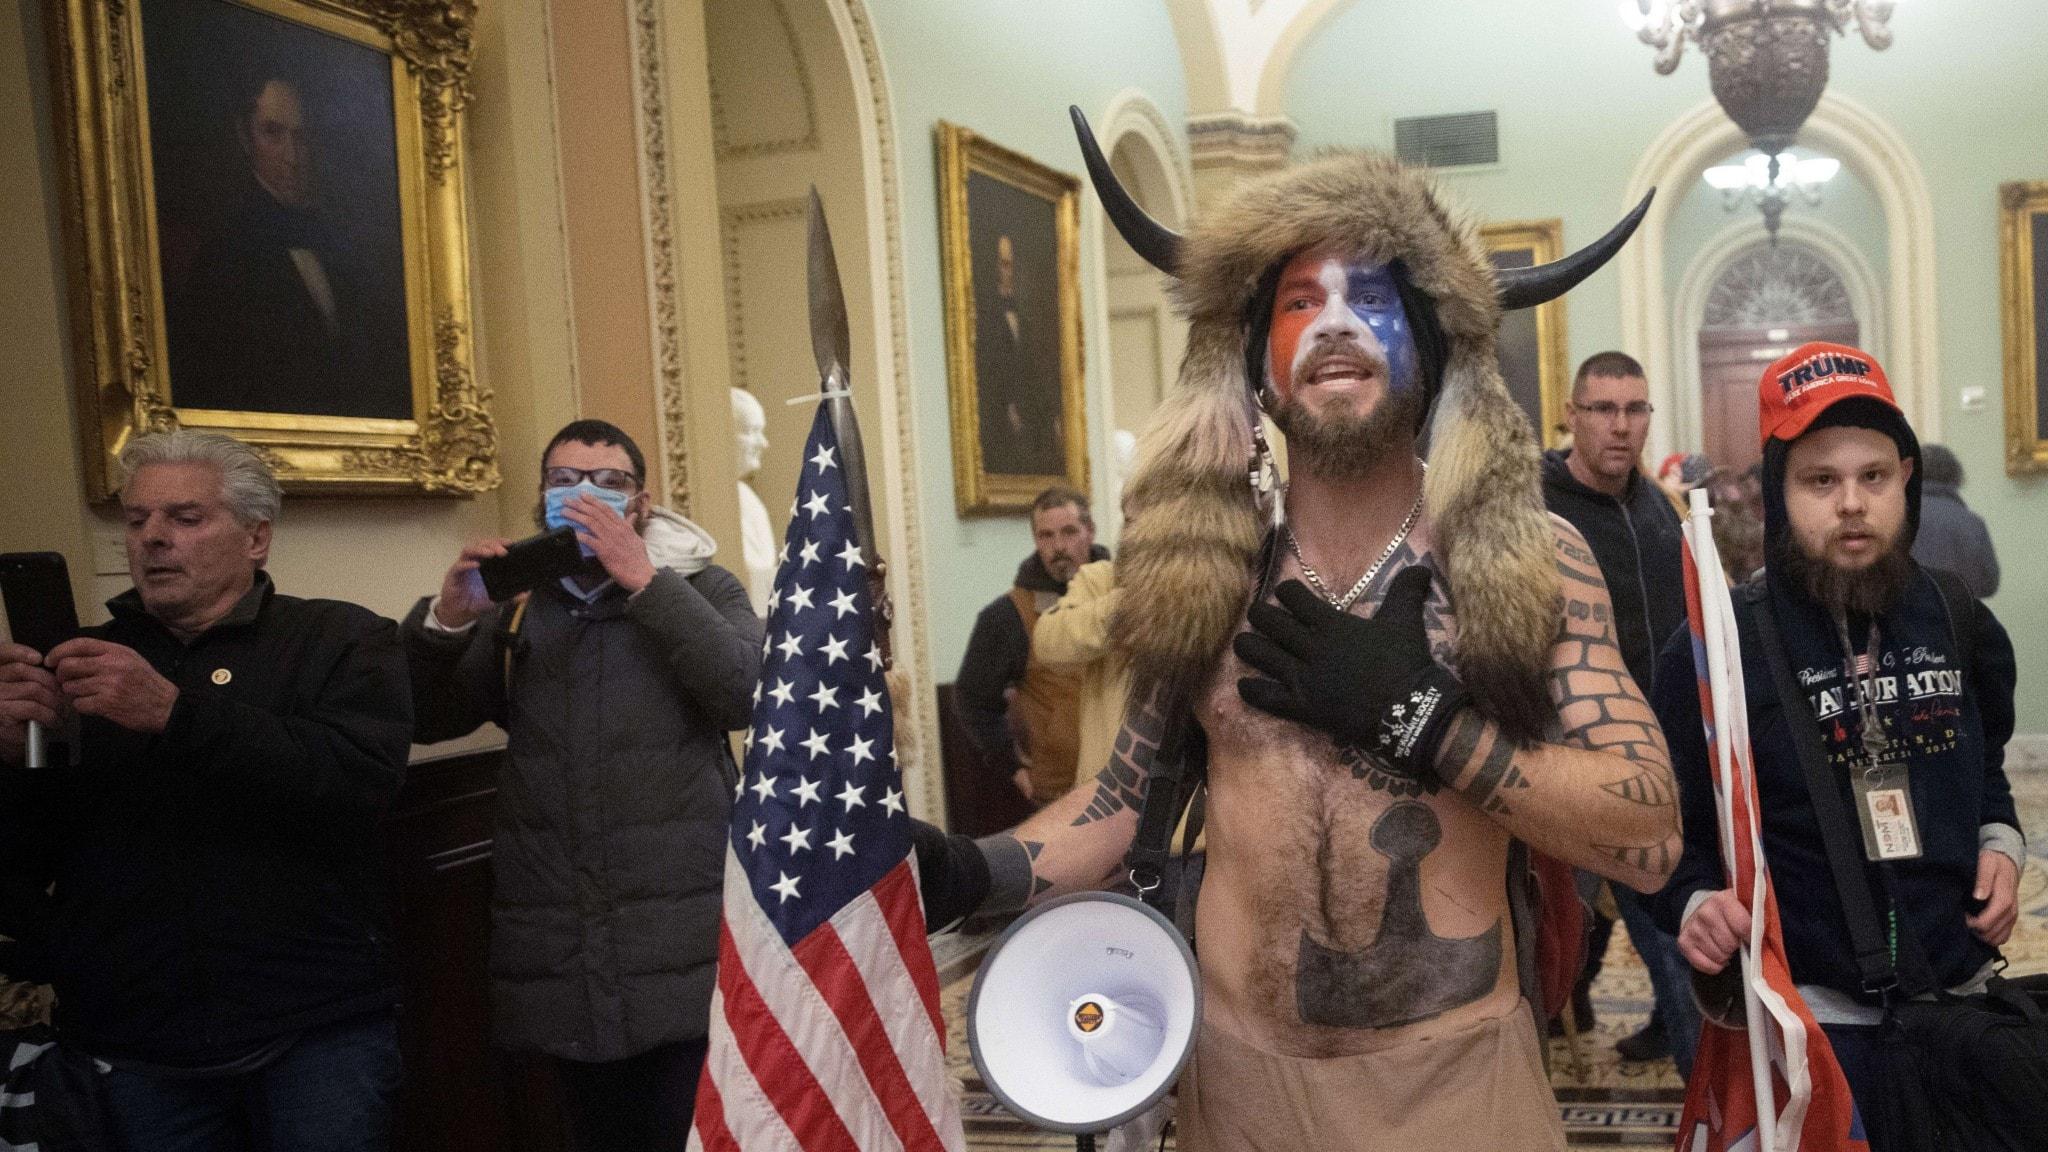 På fotot syns bland andra en man som är naken på överkroppen. Han har en pälsmössa med horn på huvudet.